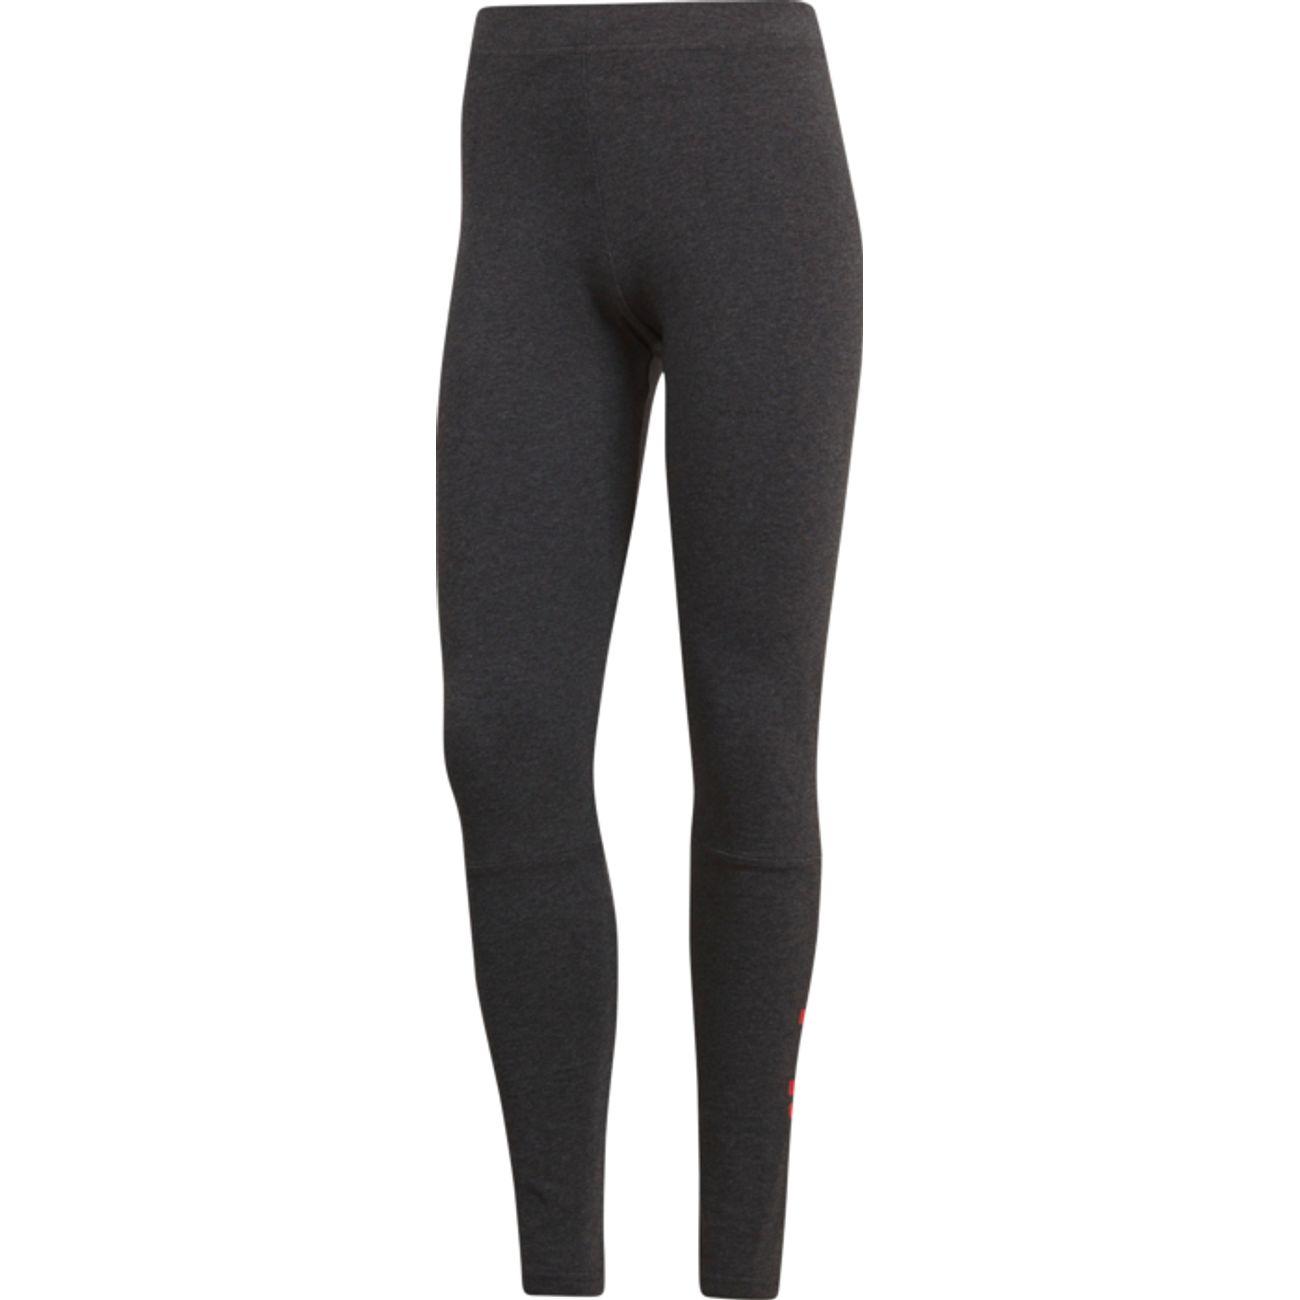 Ess Femme Pantalon Lin Tight Adidas Multisport F3lTKc1J